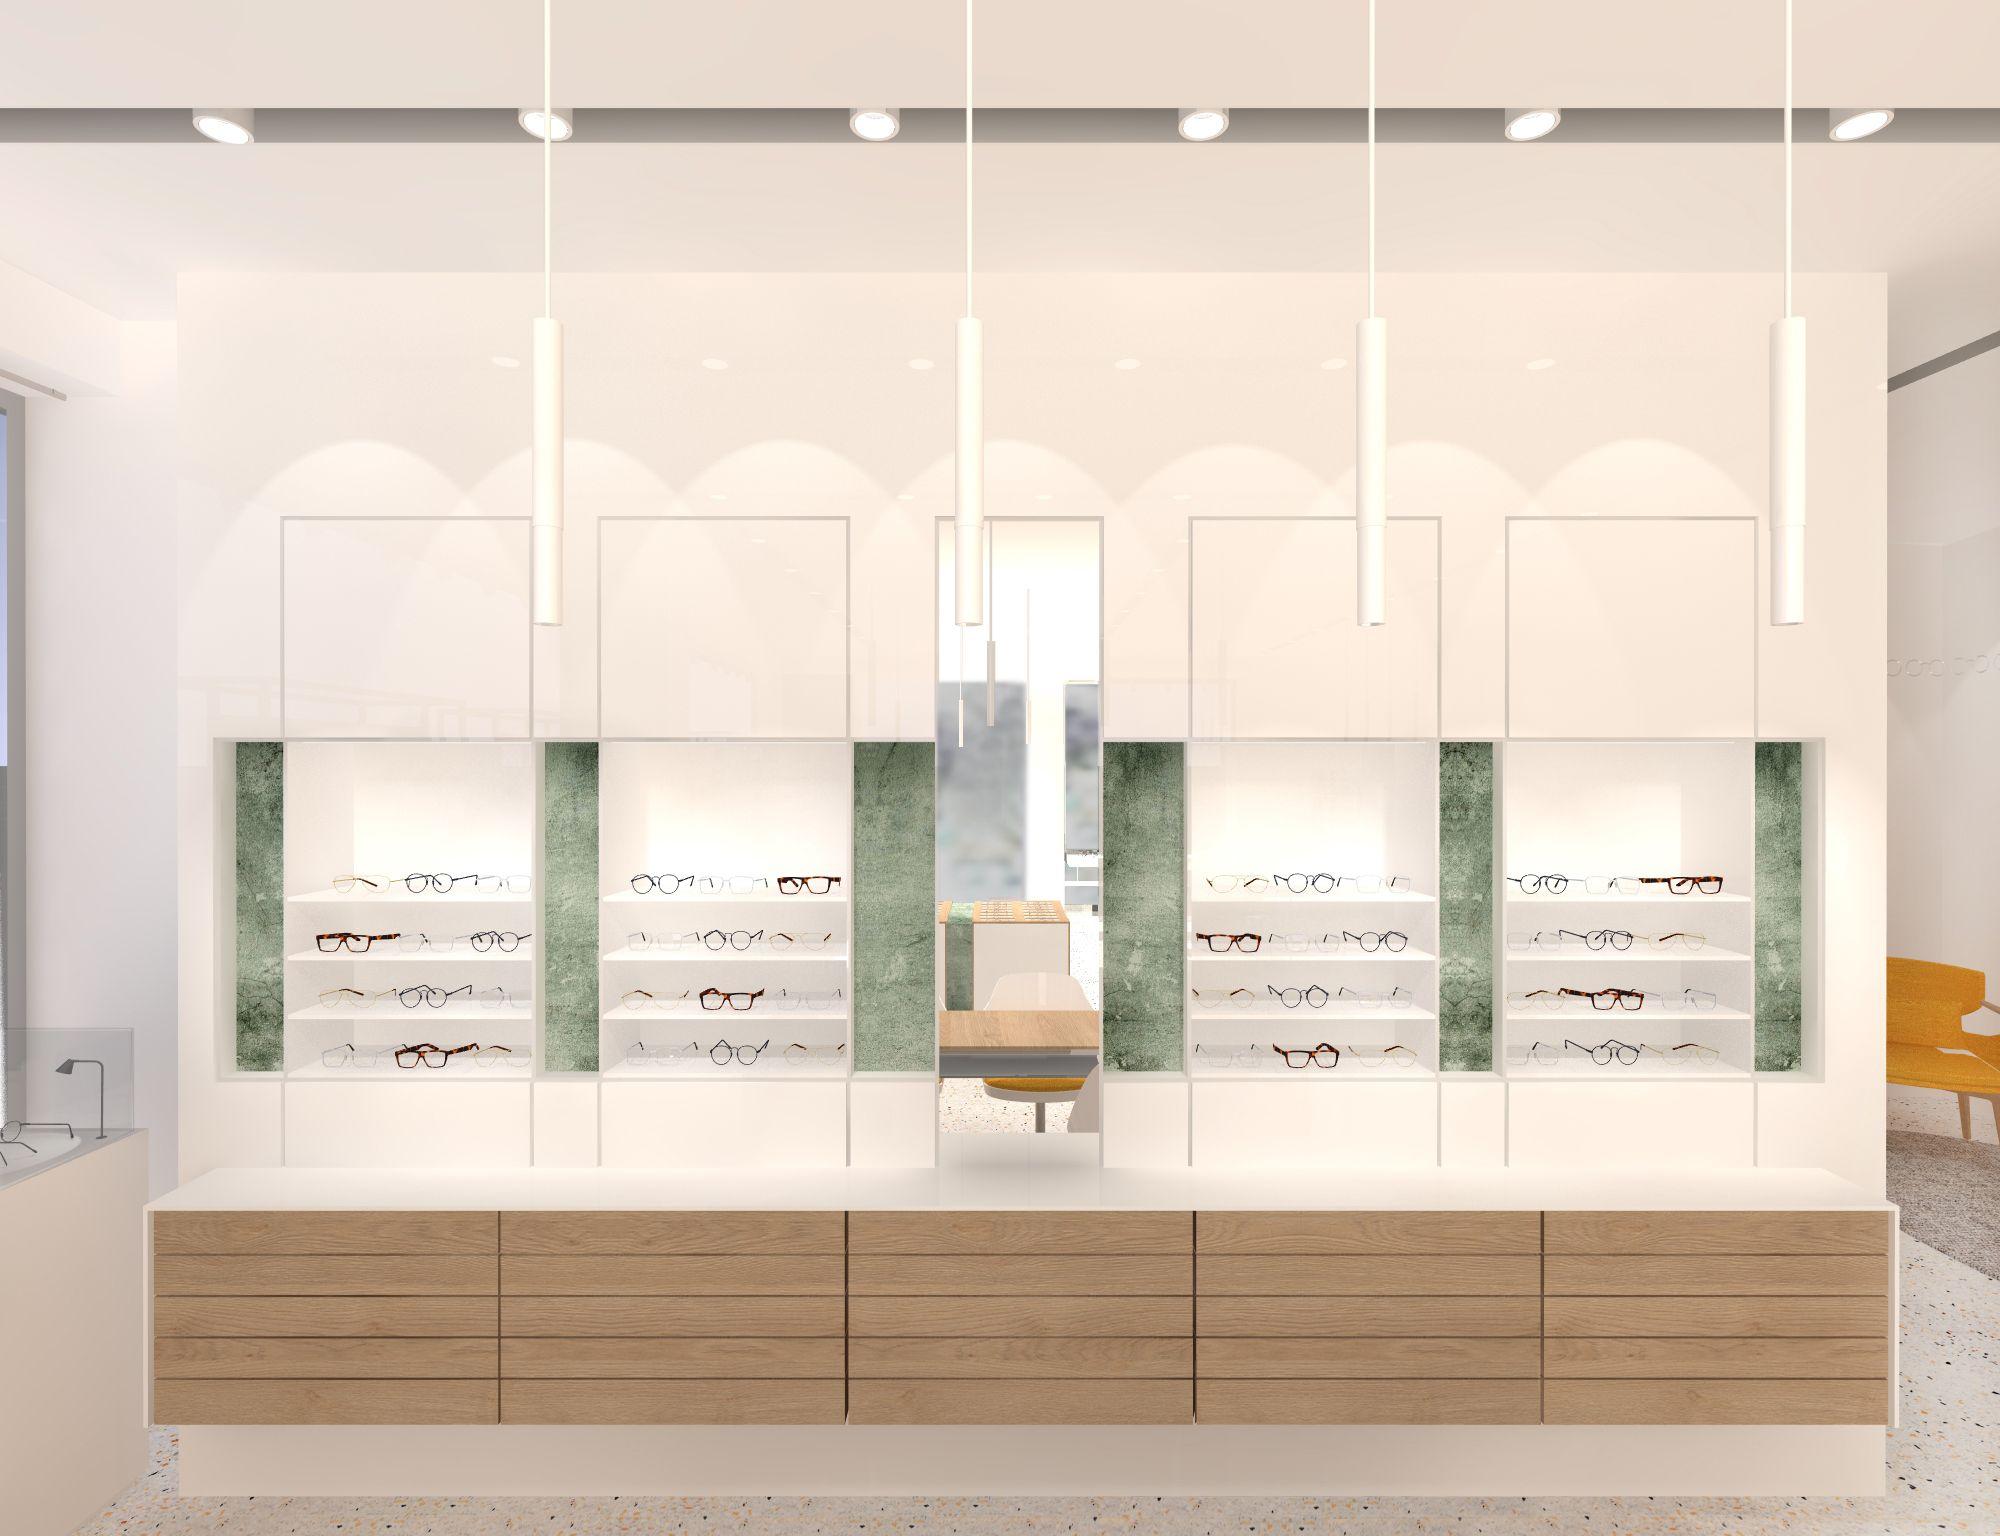 Pin By Crespi Interiorisme On Opticas De Diseno Optical Shop Design Interior